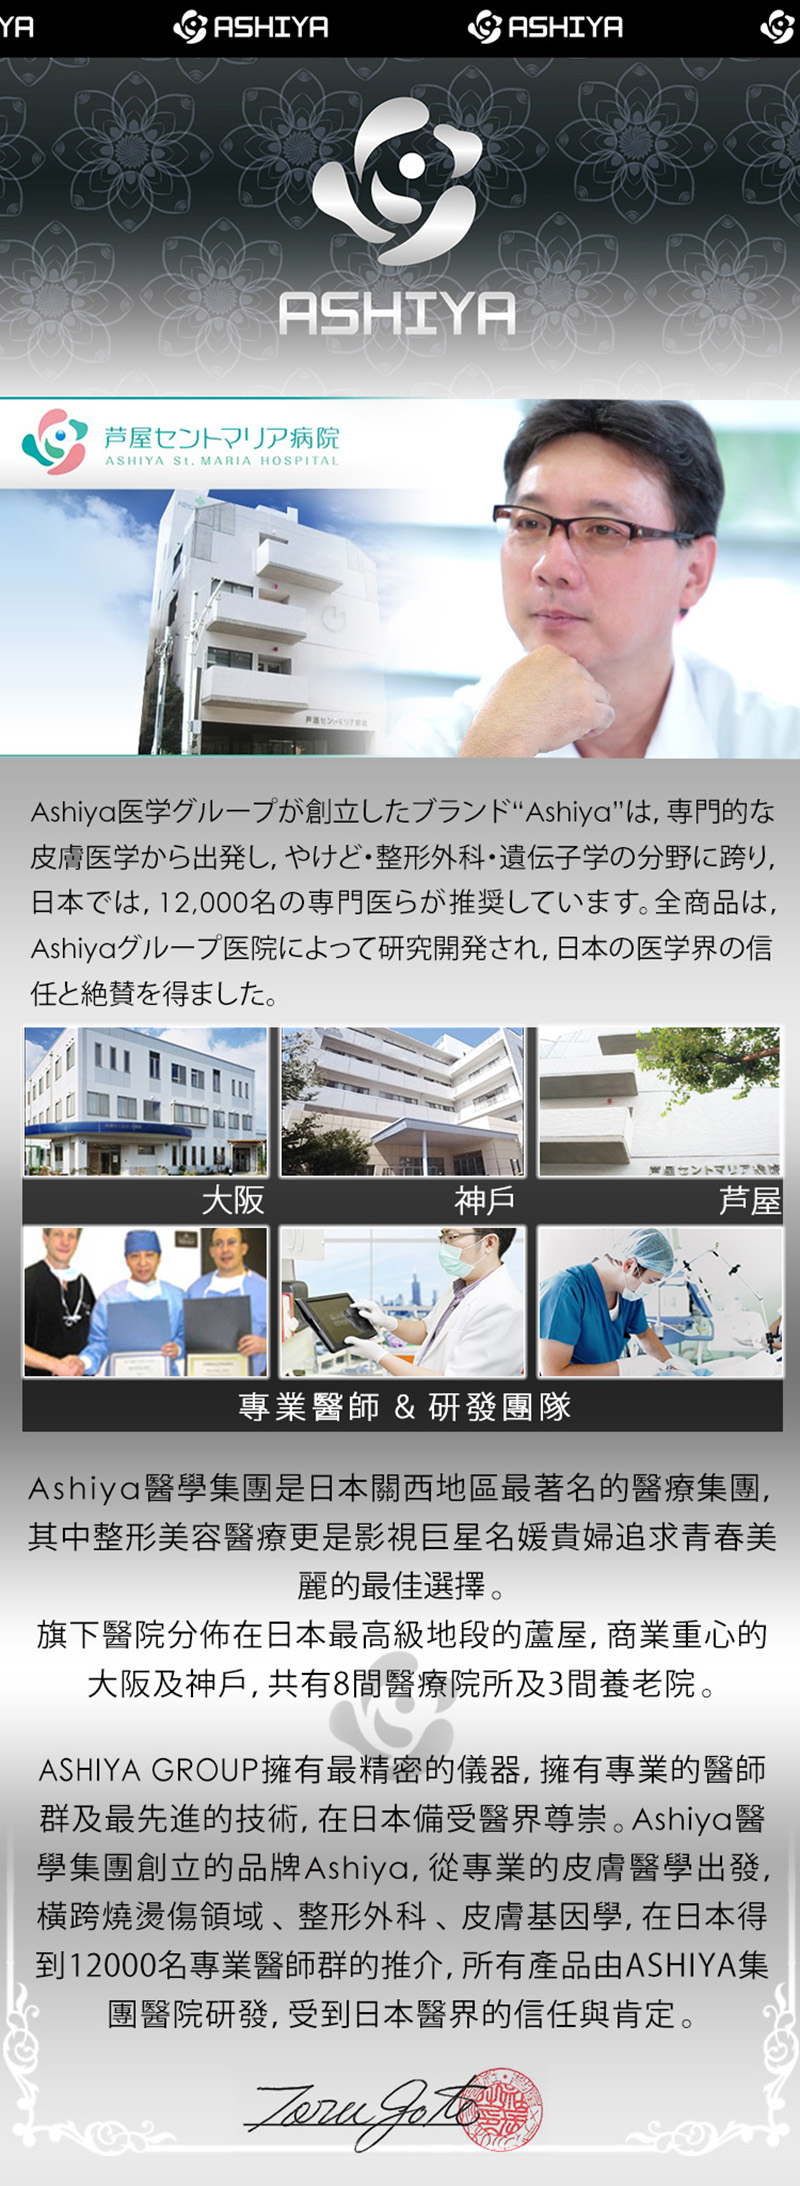 Ashiya_%E5%93%81%E7%89%8C-1.jpg